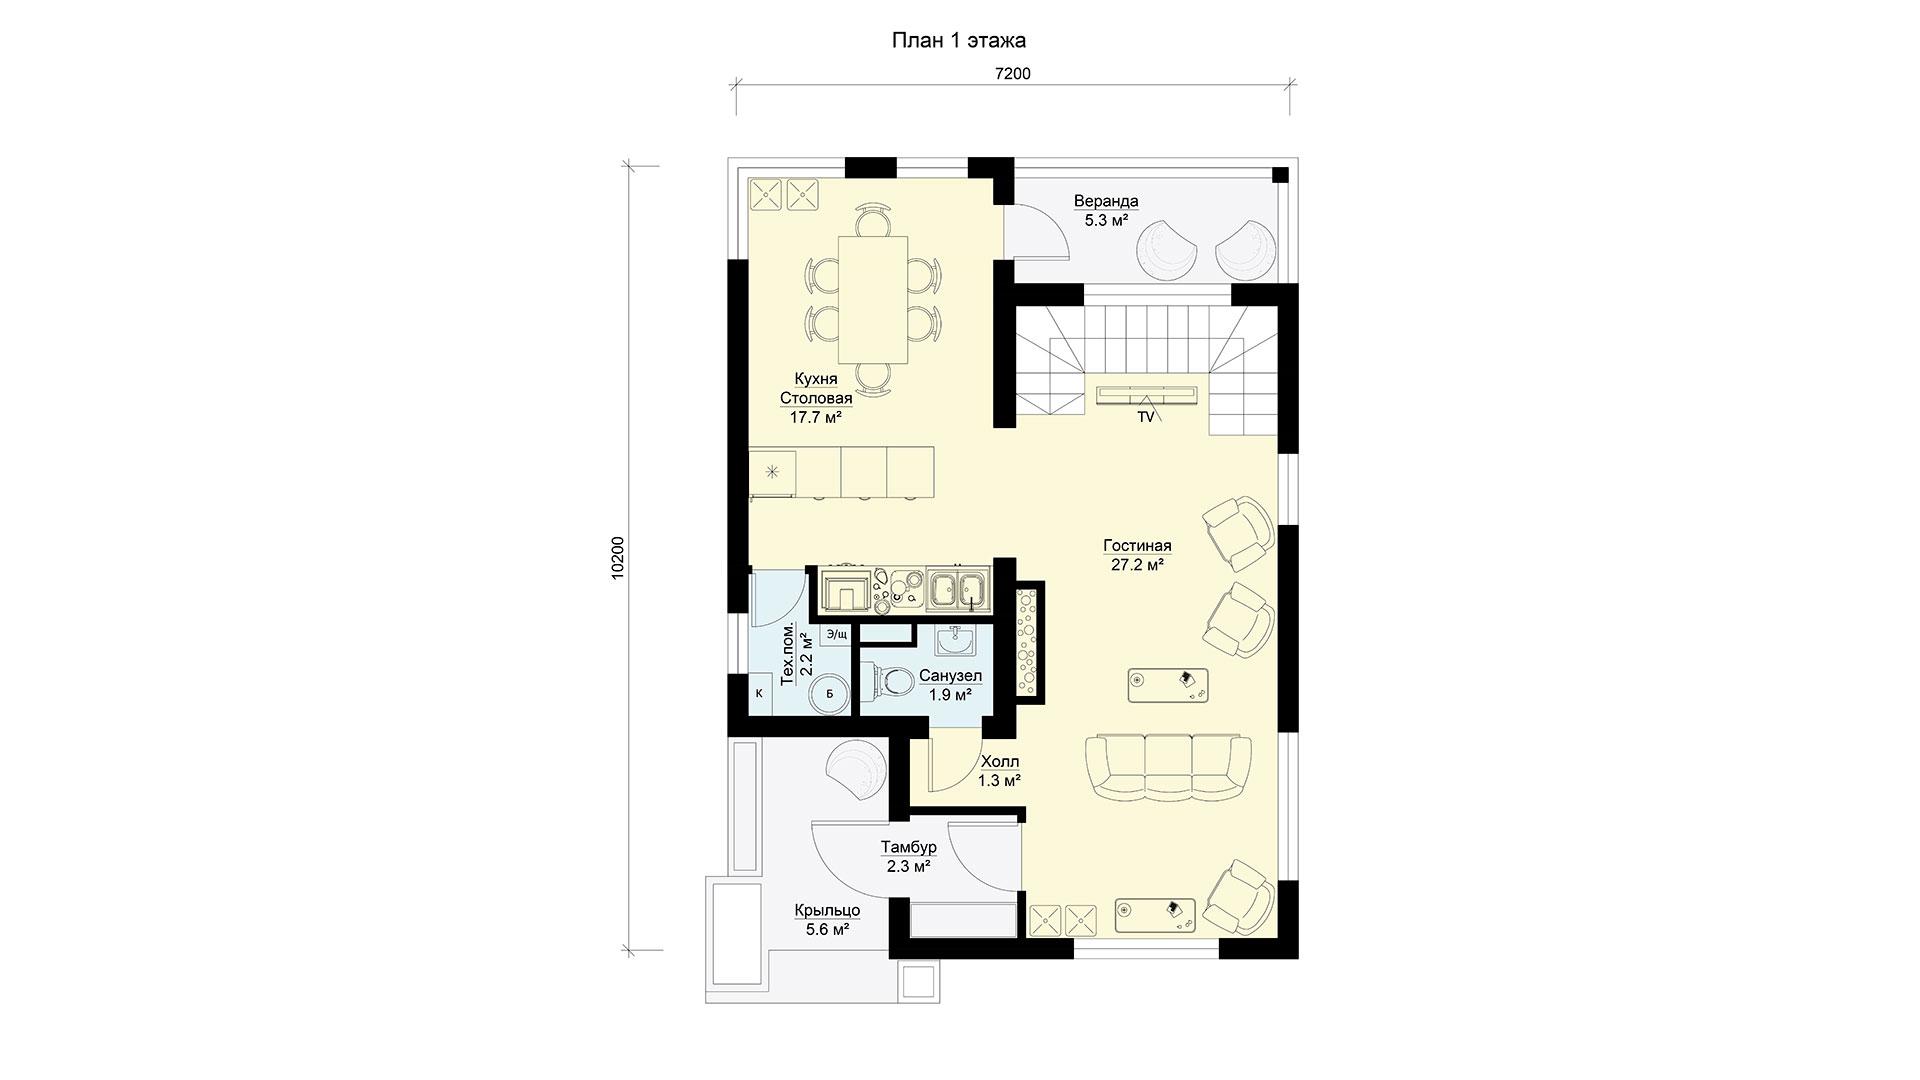 План первого этажа двухэтажного дома МС-112/1 в коттеджном поселке Берег Песочной в Истринском районе Московской области.